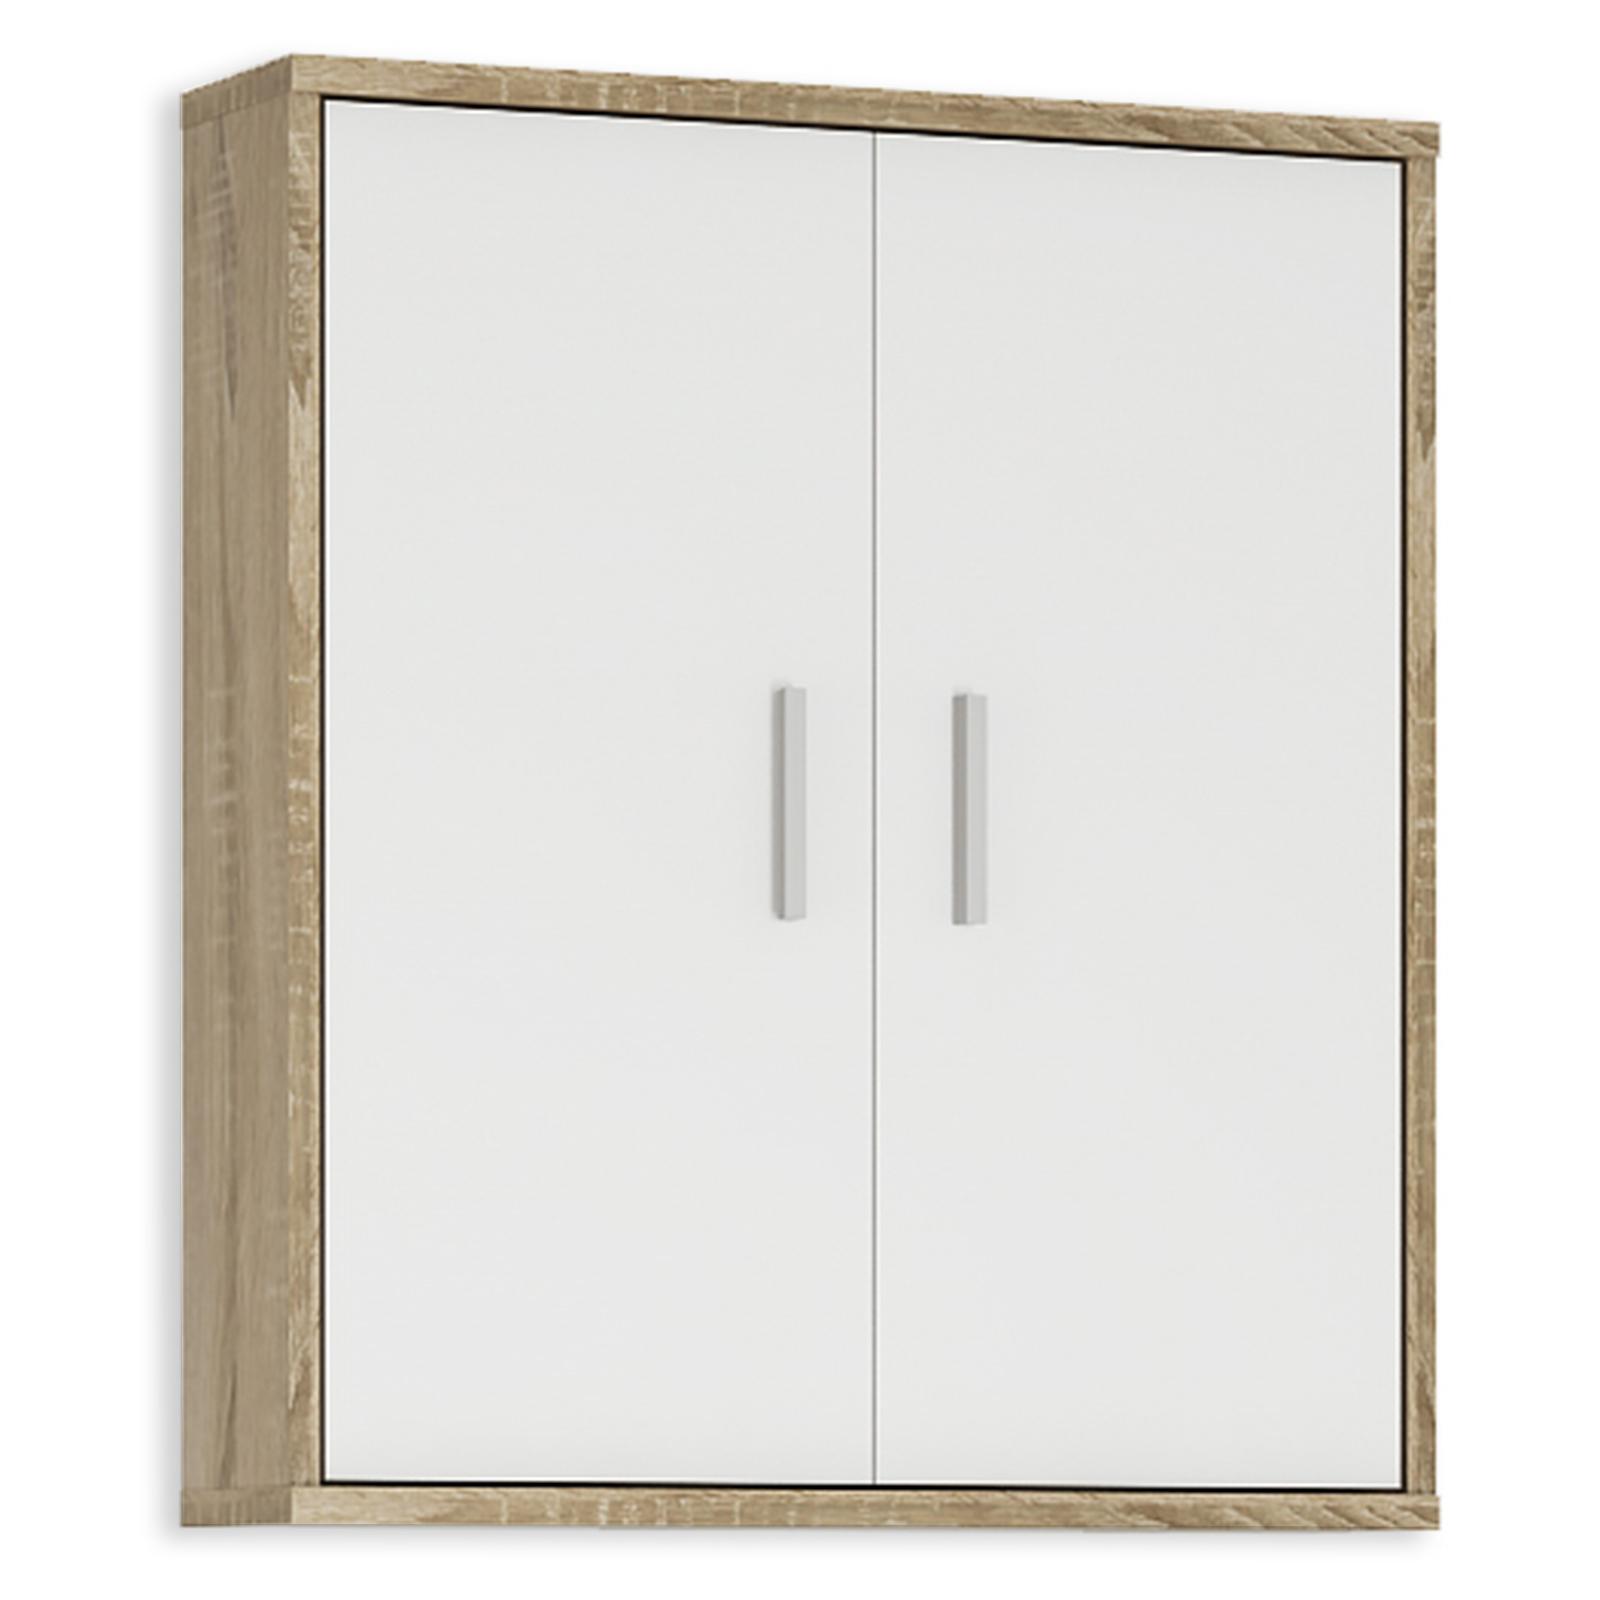 Hängeschrank - weiß-Sonoma Eiche - 61 cm breit